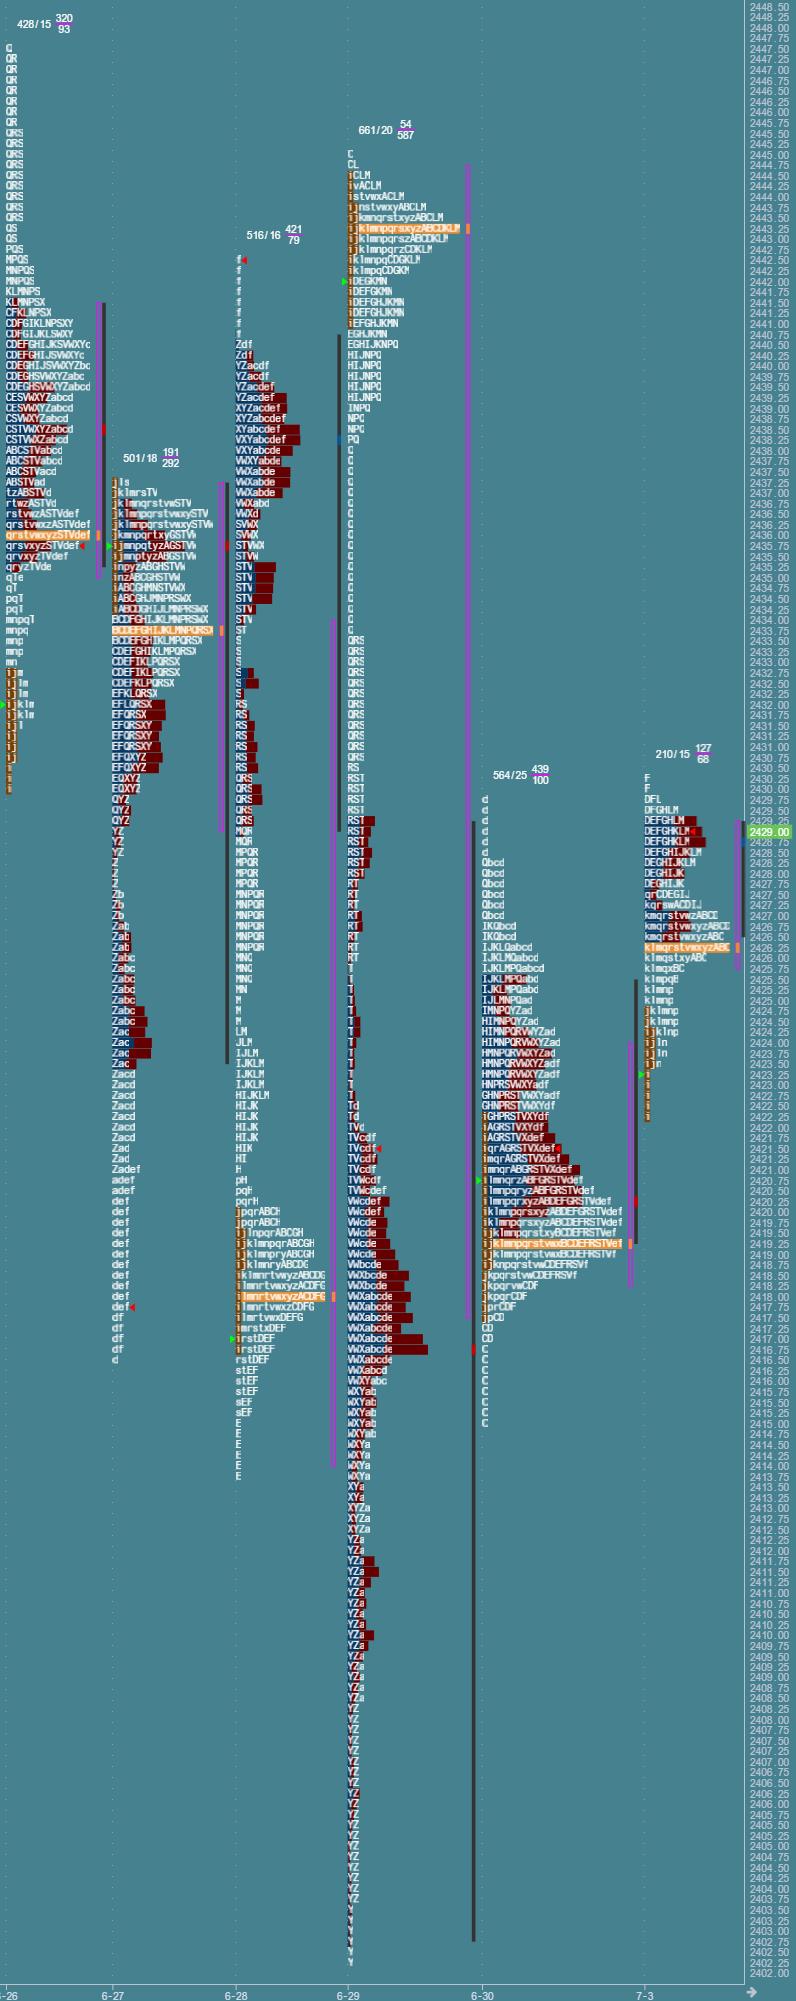 Przygotowanie do sesji: market profile z 3 lipca